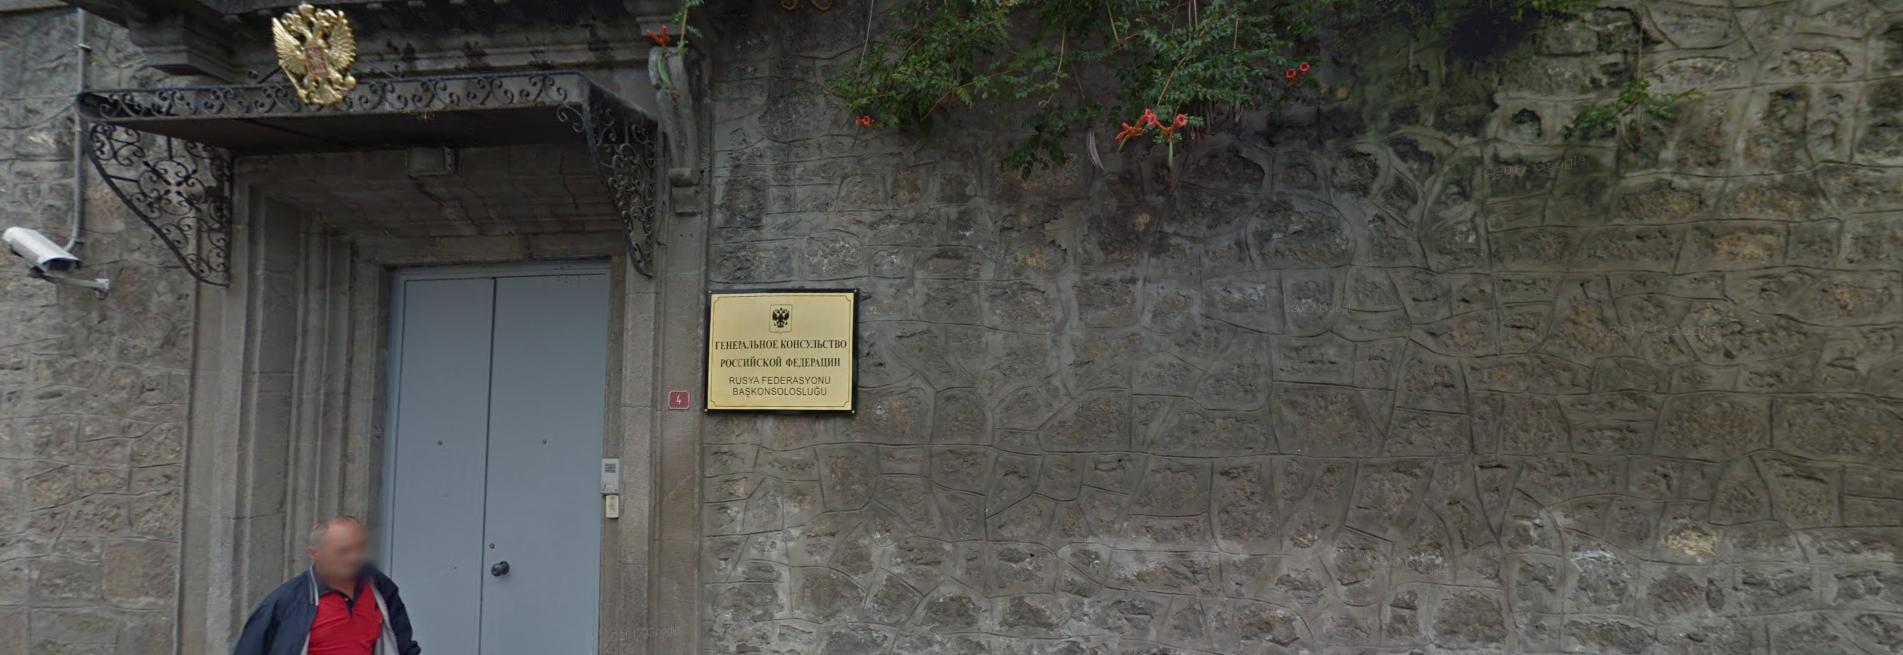 Генеральное консульство Российской Федерации в Трабзоне